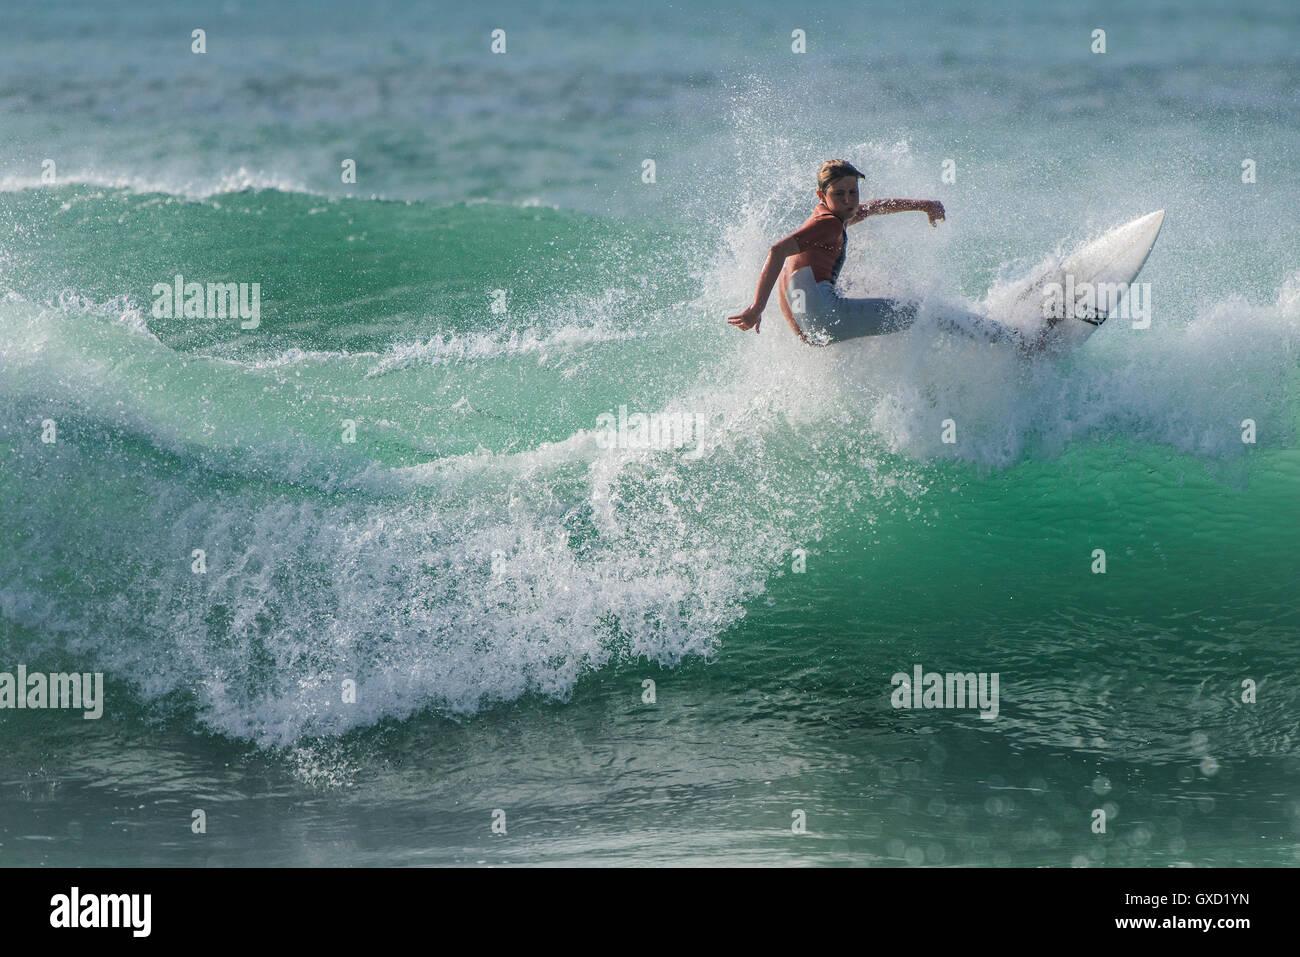 Eine junge Finn Collins in spektakulären Surf-Action am Fistral in Newquay, Cornwall. VEREINIGTES KÖNIGREICH. Stockbild